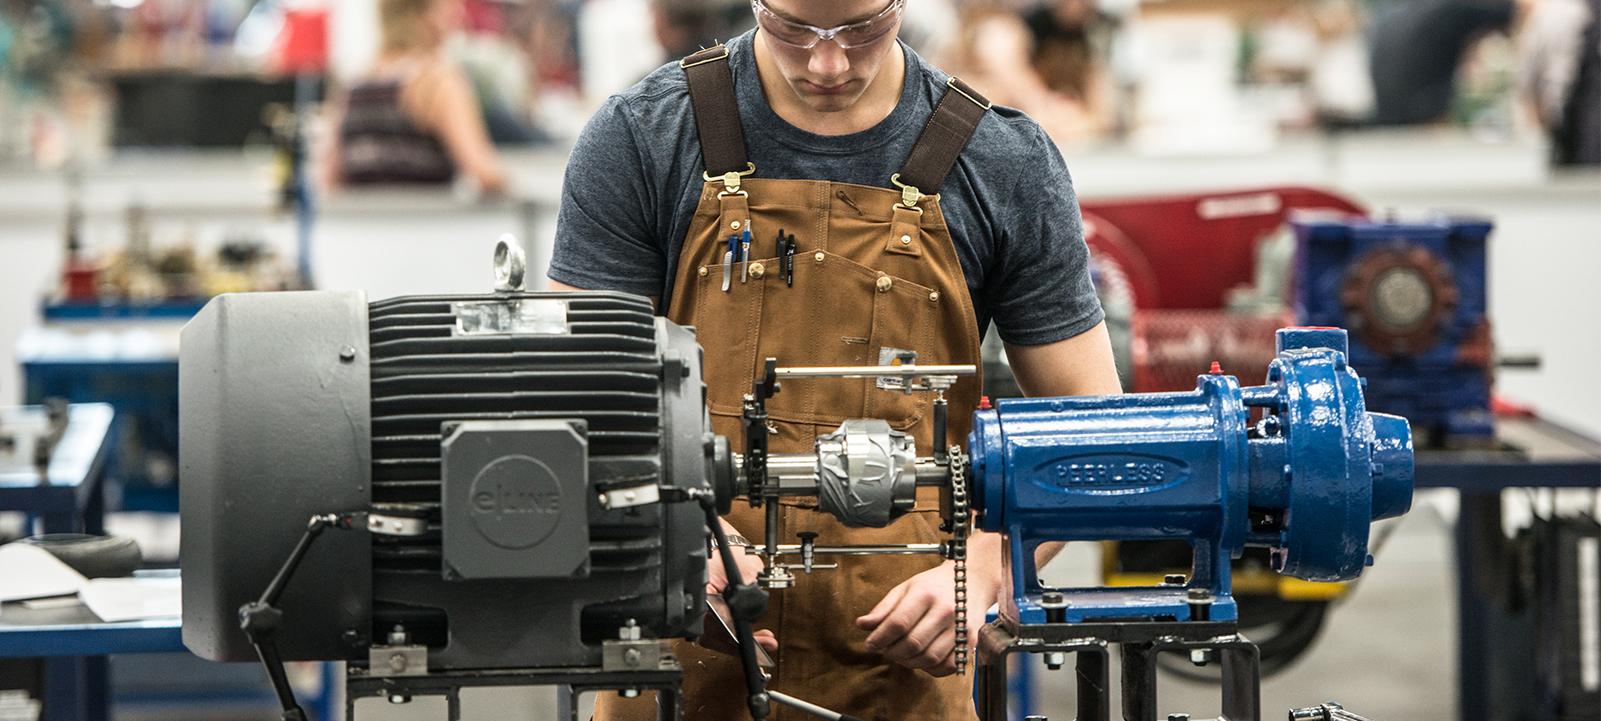 Industrial Mechanics Millwright - Skills Canada Alberta